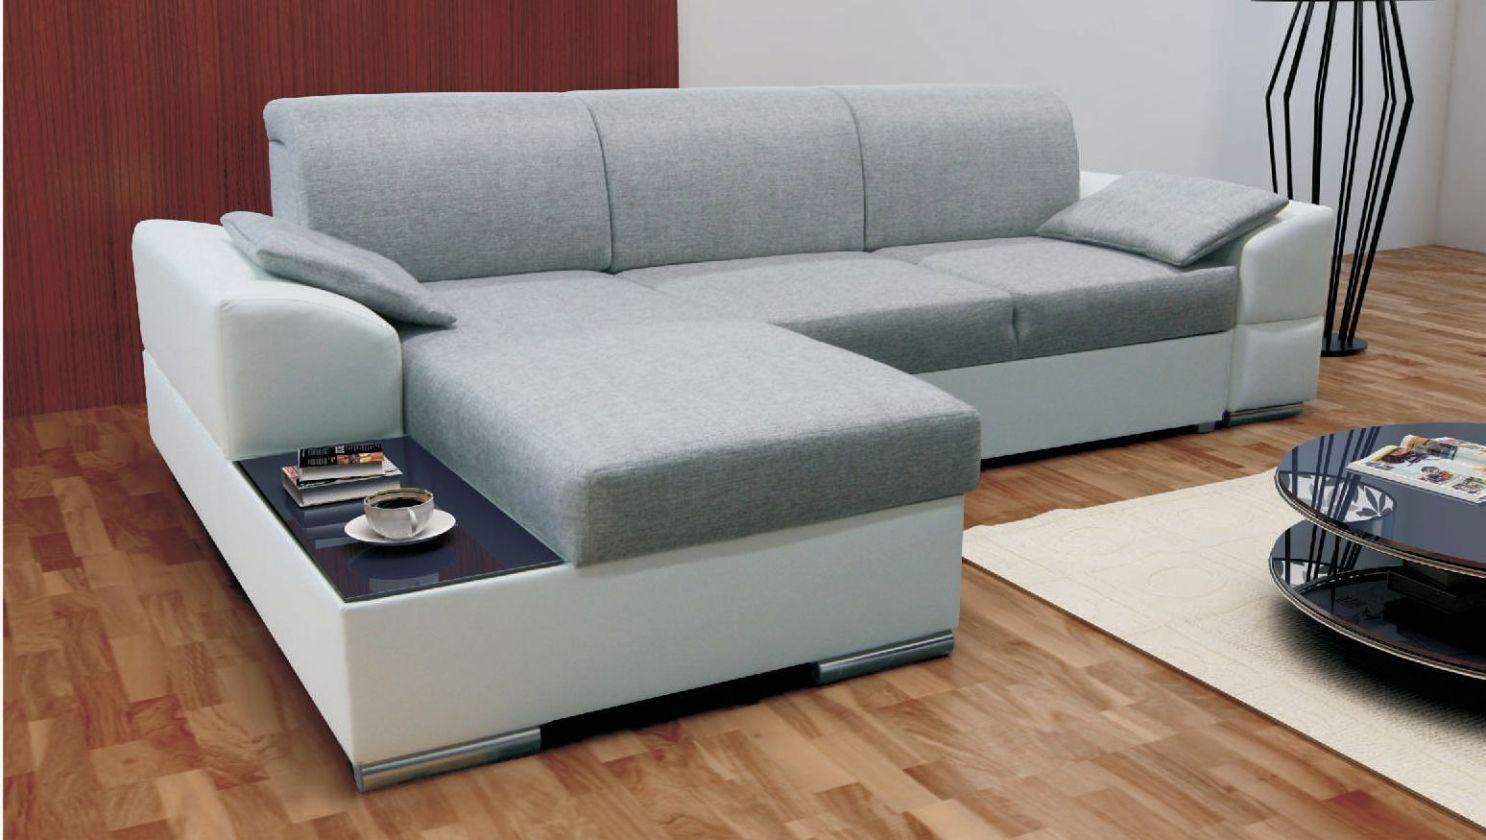 Get the best trendy corner sofa beds of 2017 market in